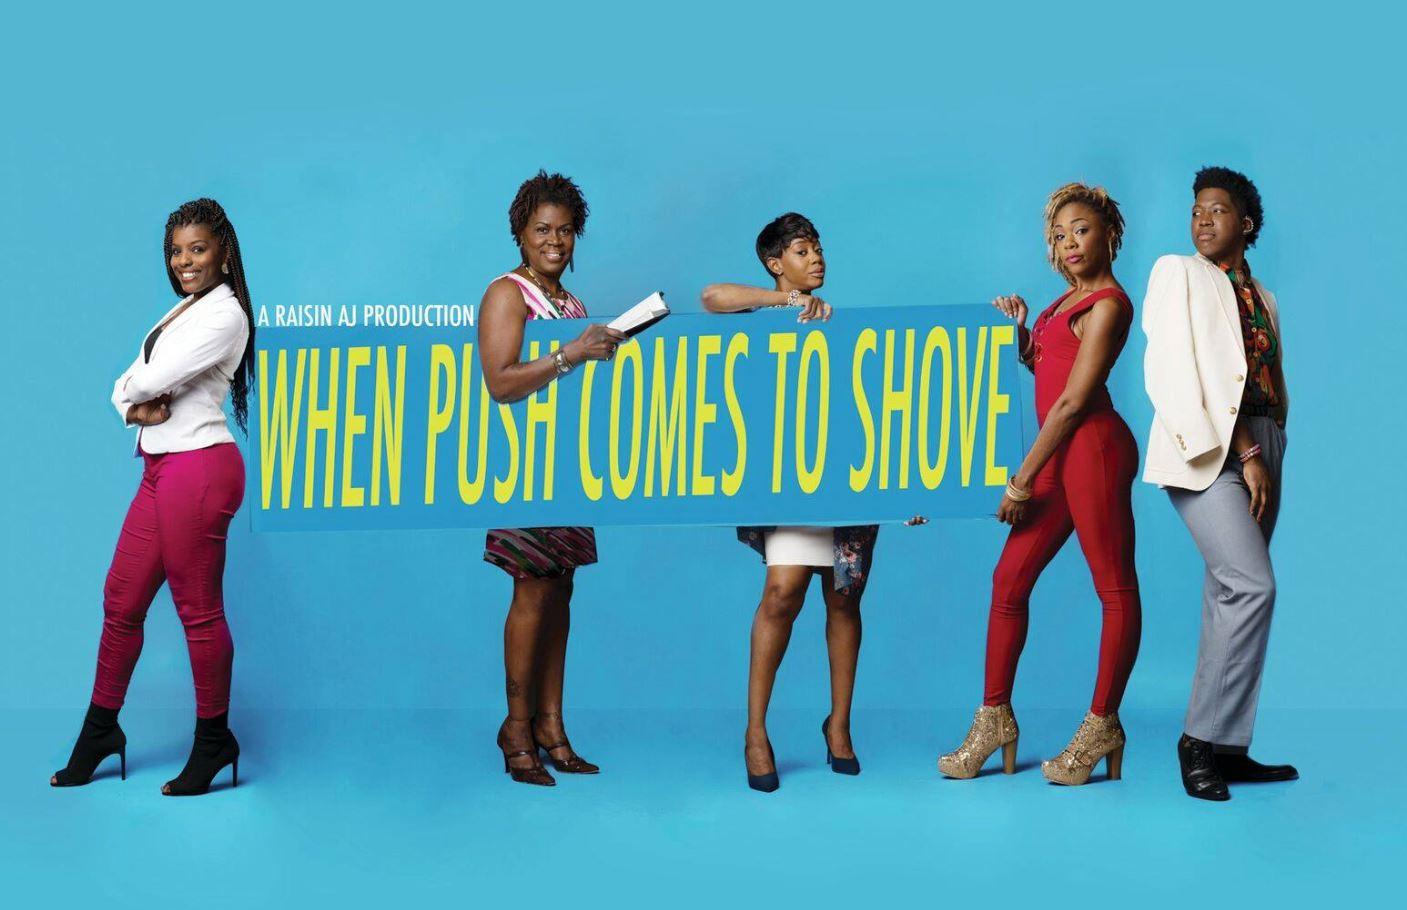 When push comes to shove_339501